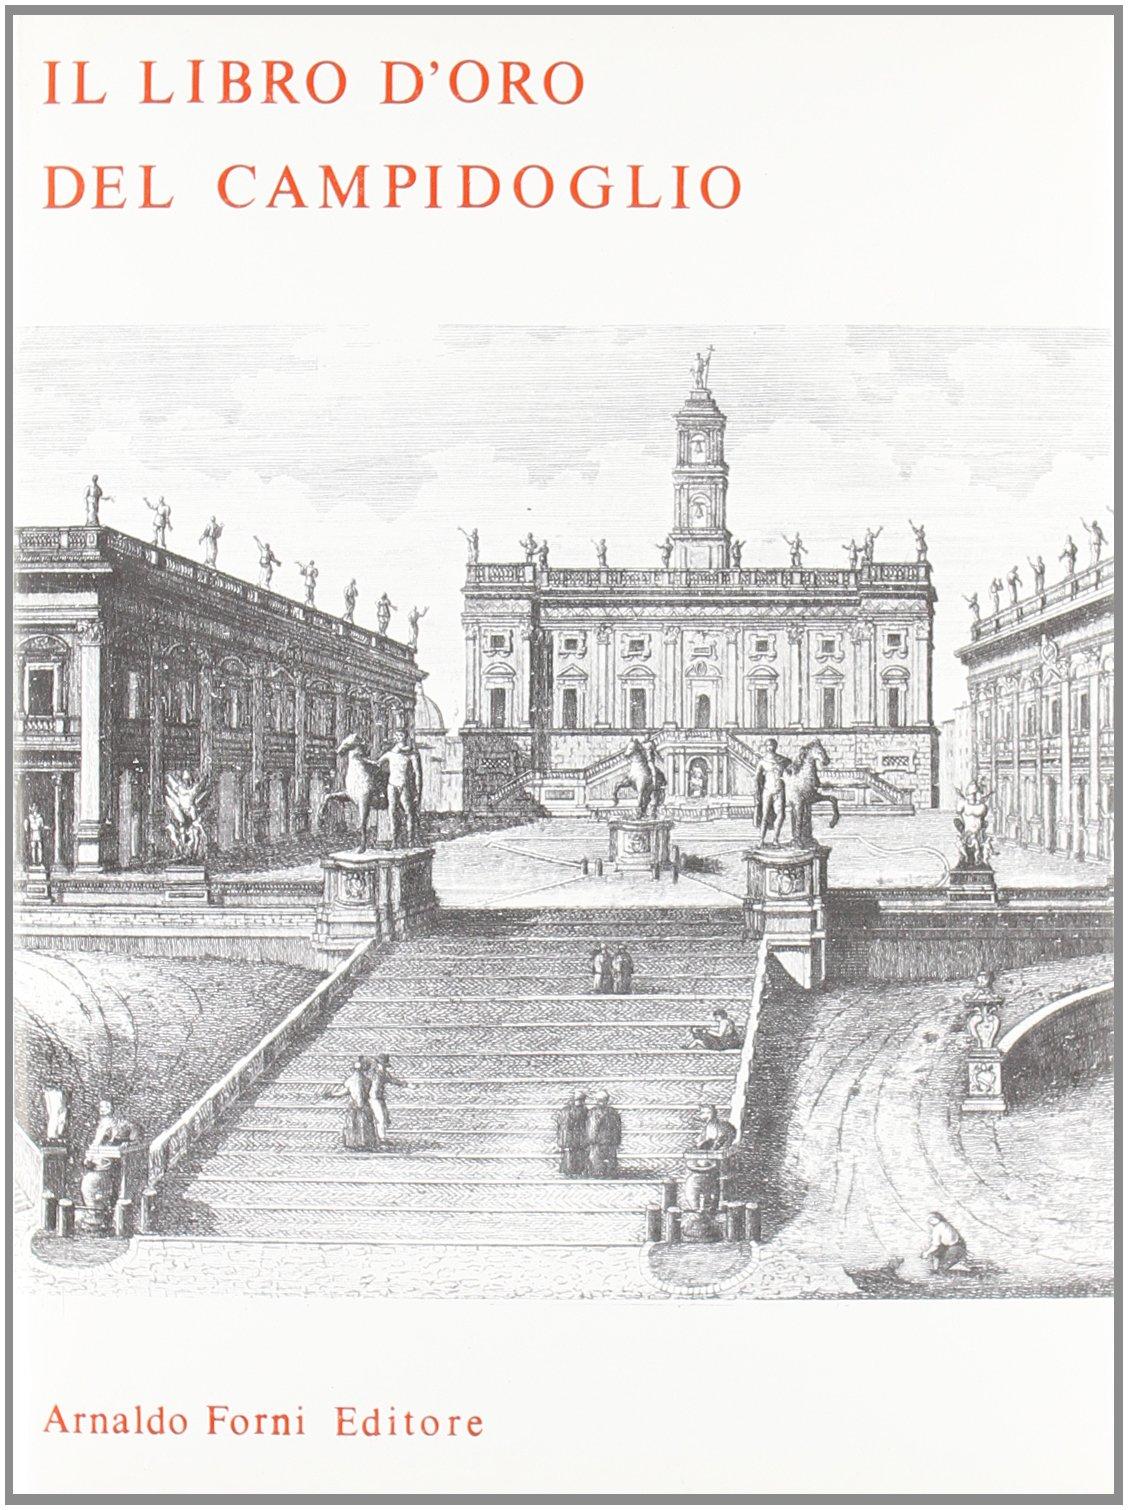 Il libro d'oro del Campidoglio (rist. anast. Roma, 1893-97)